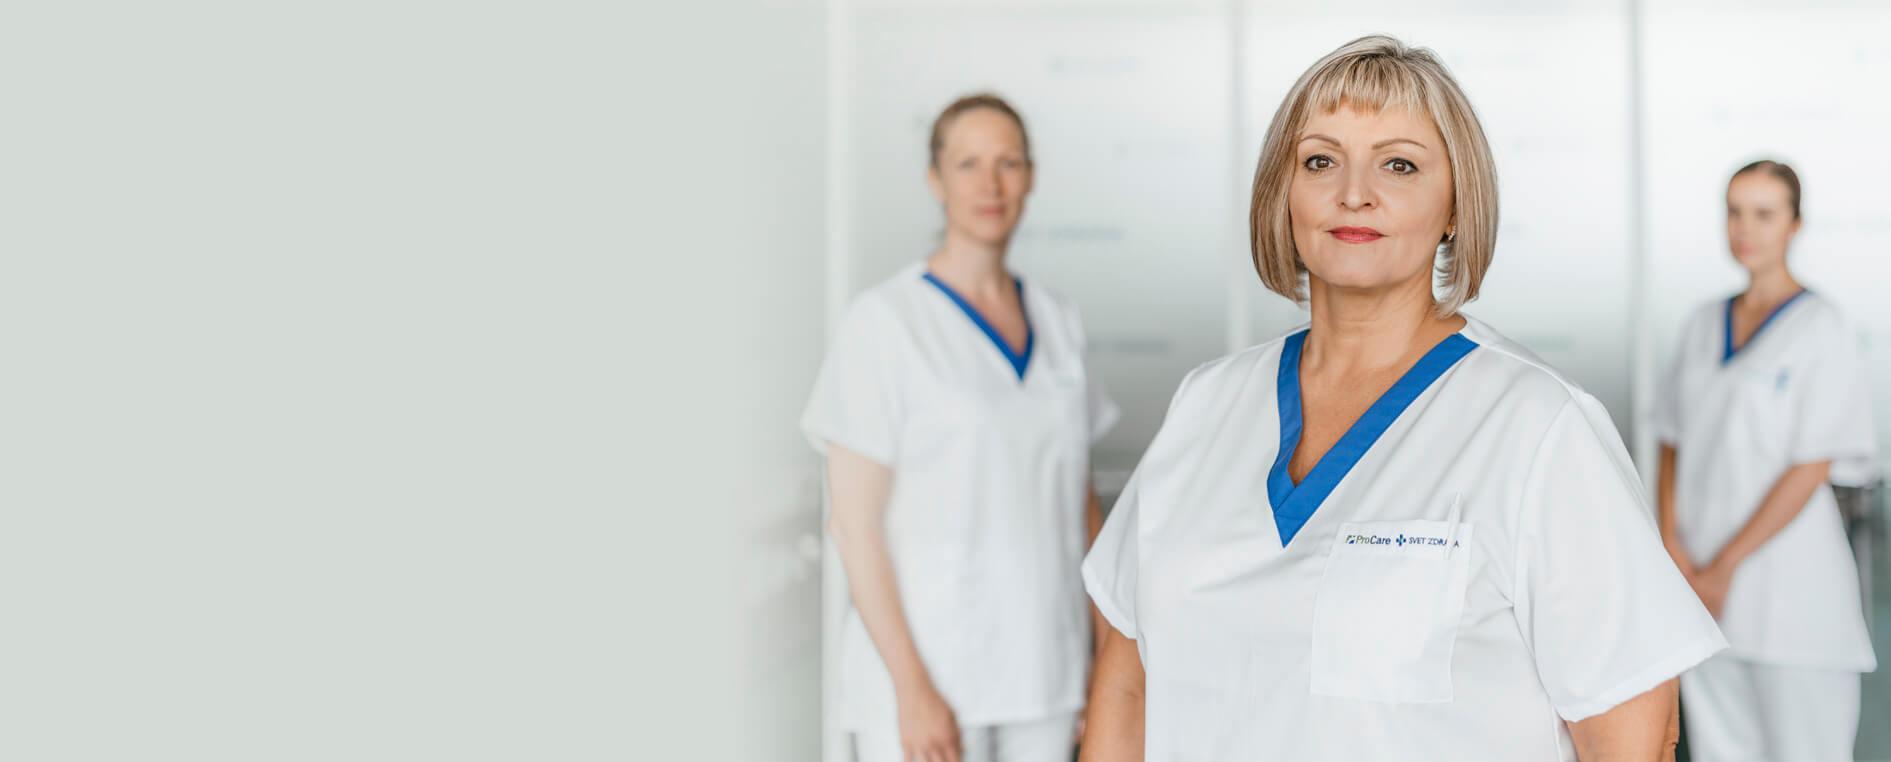 nemocnica bory pridaj sa do timu vyberove konania riaditelka pre osetrovatelstvo alena kendrick